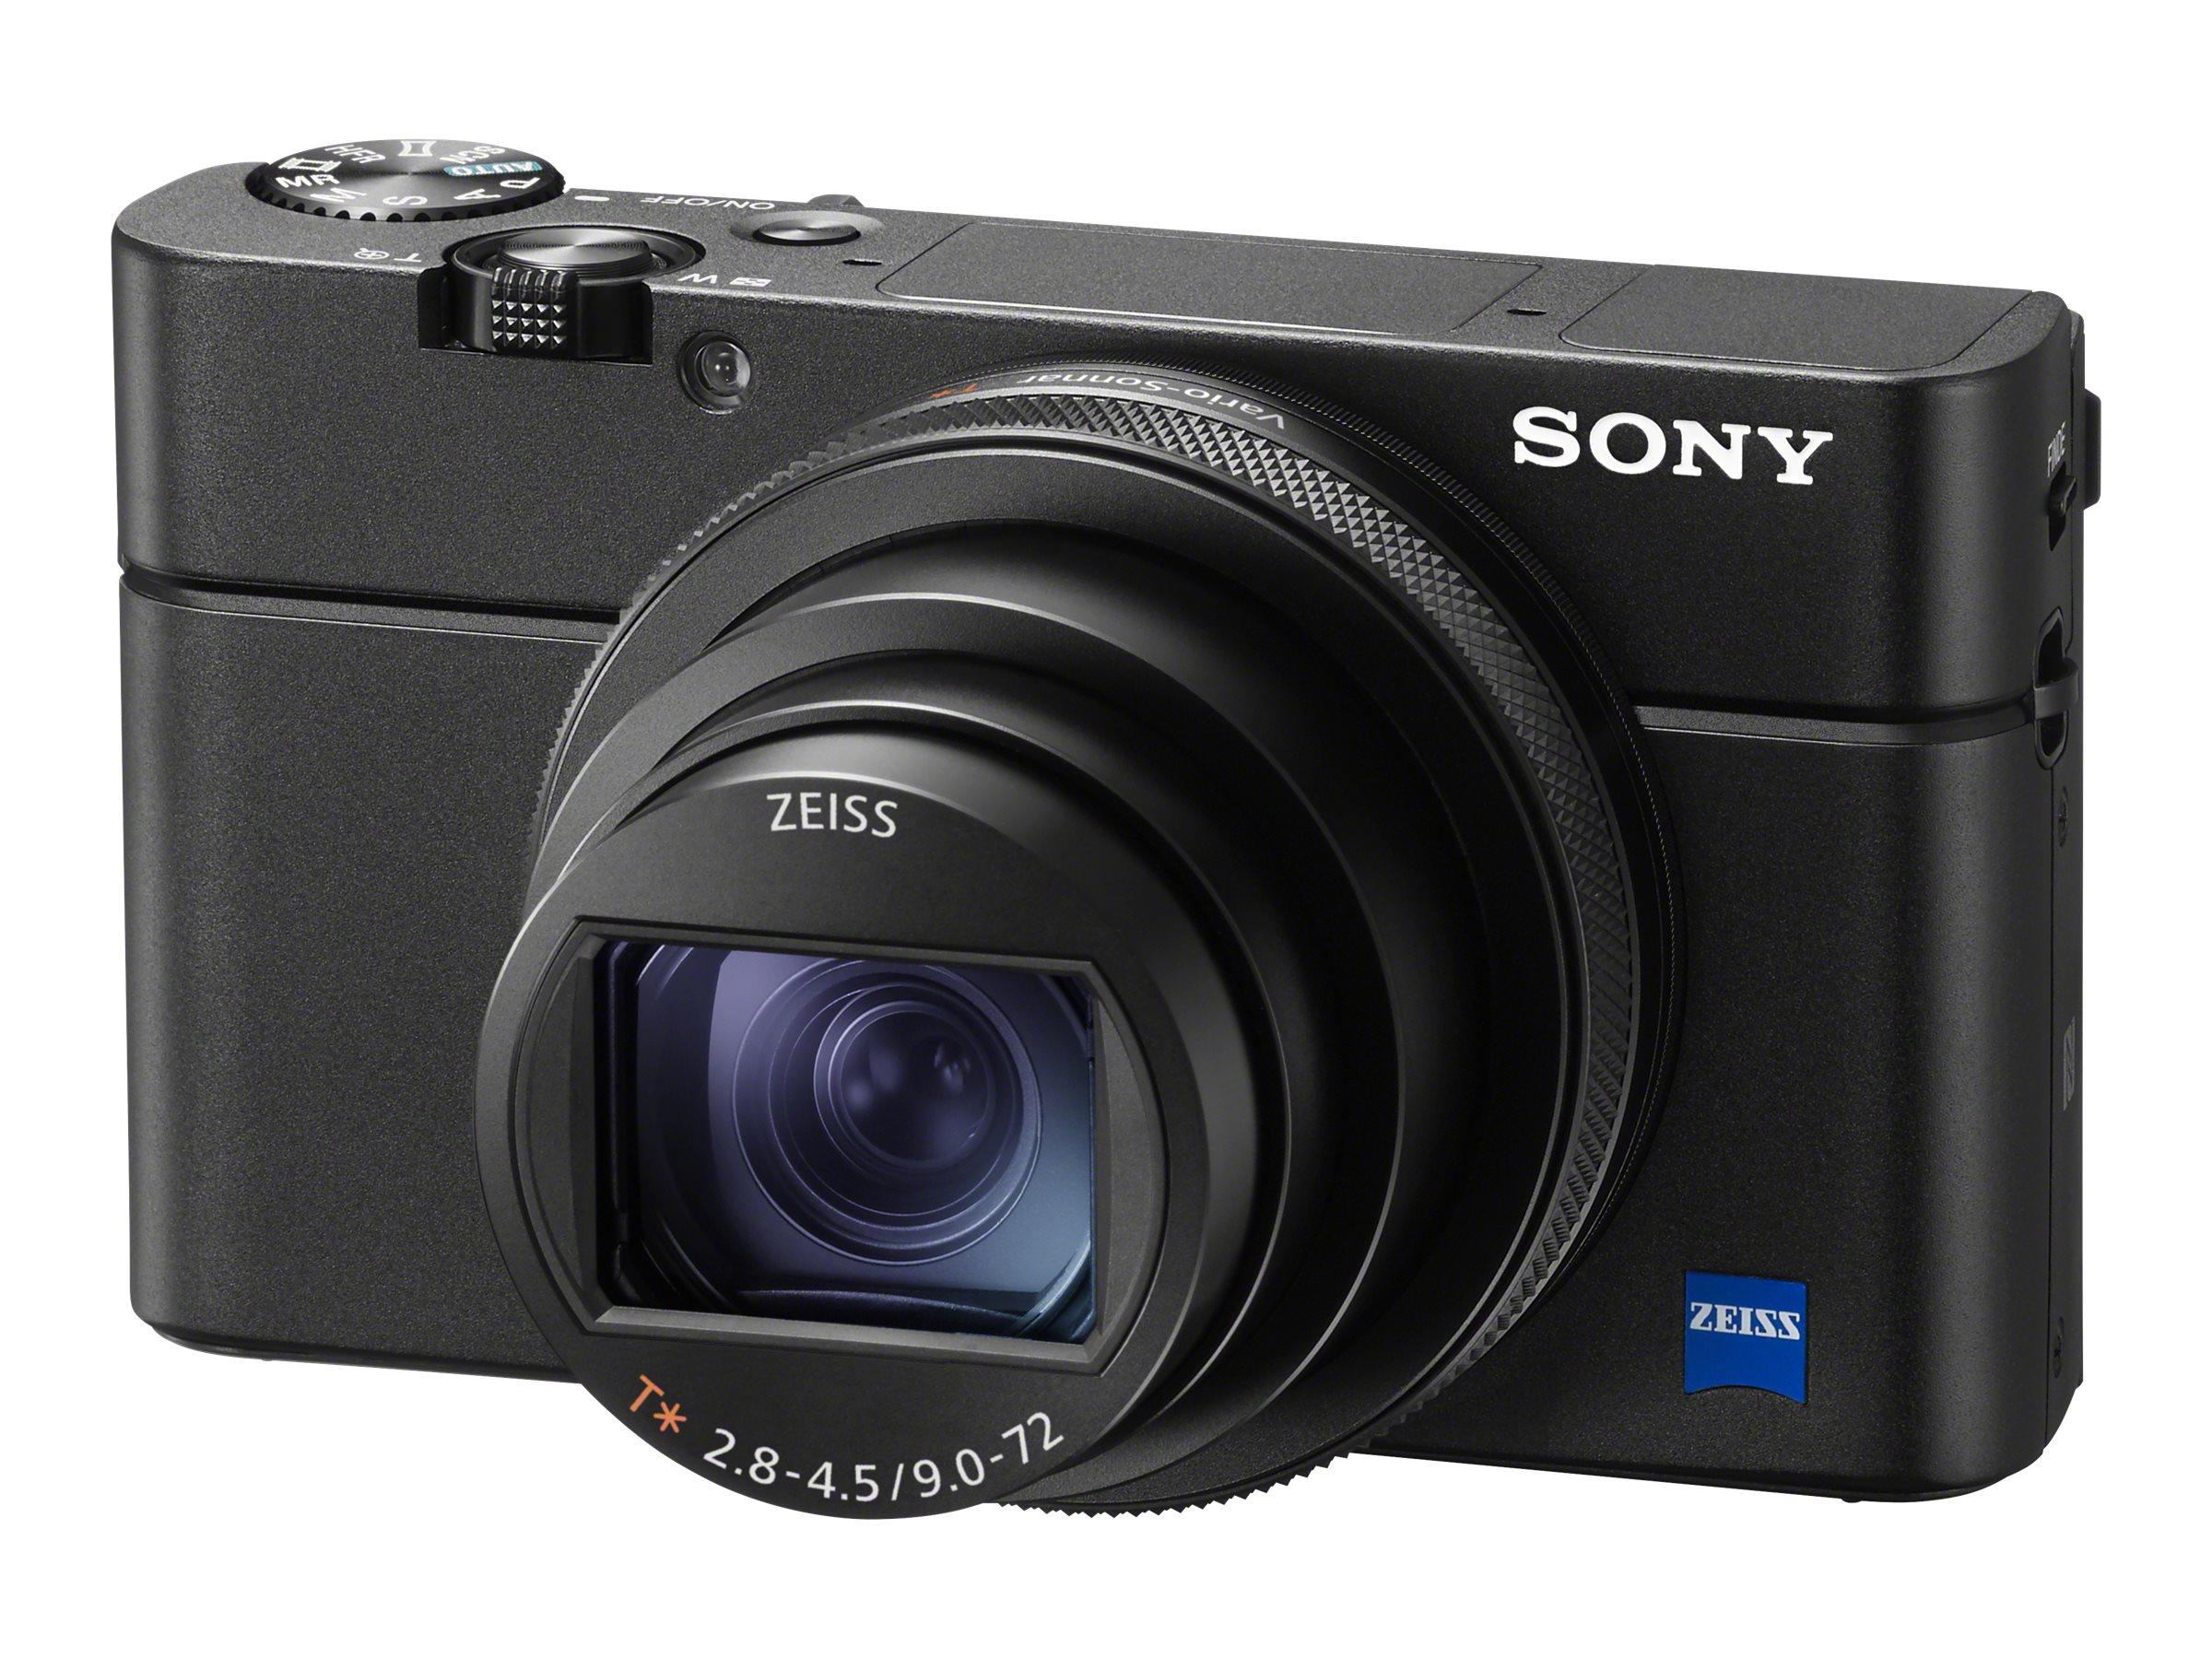 Sony RX100 VI - Digitalkamera - Kompaktkamera - 20.1 MPix - 4K / 30 BpS - 8x optischer Zoom